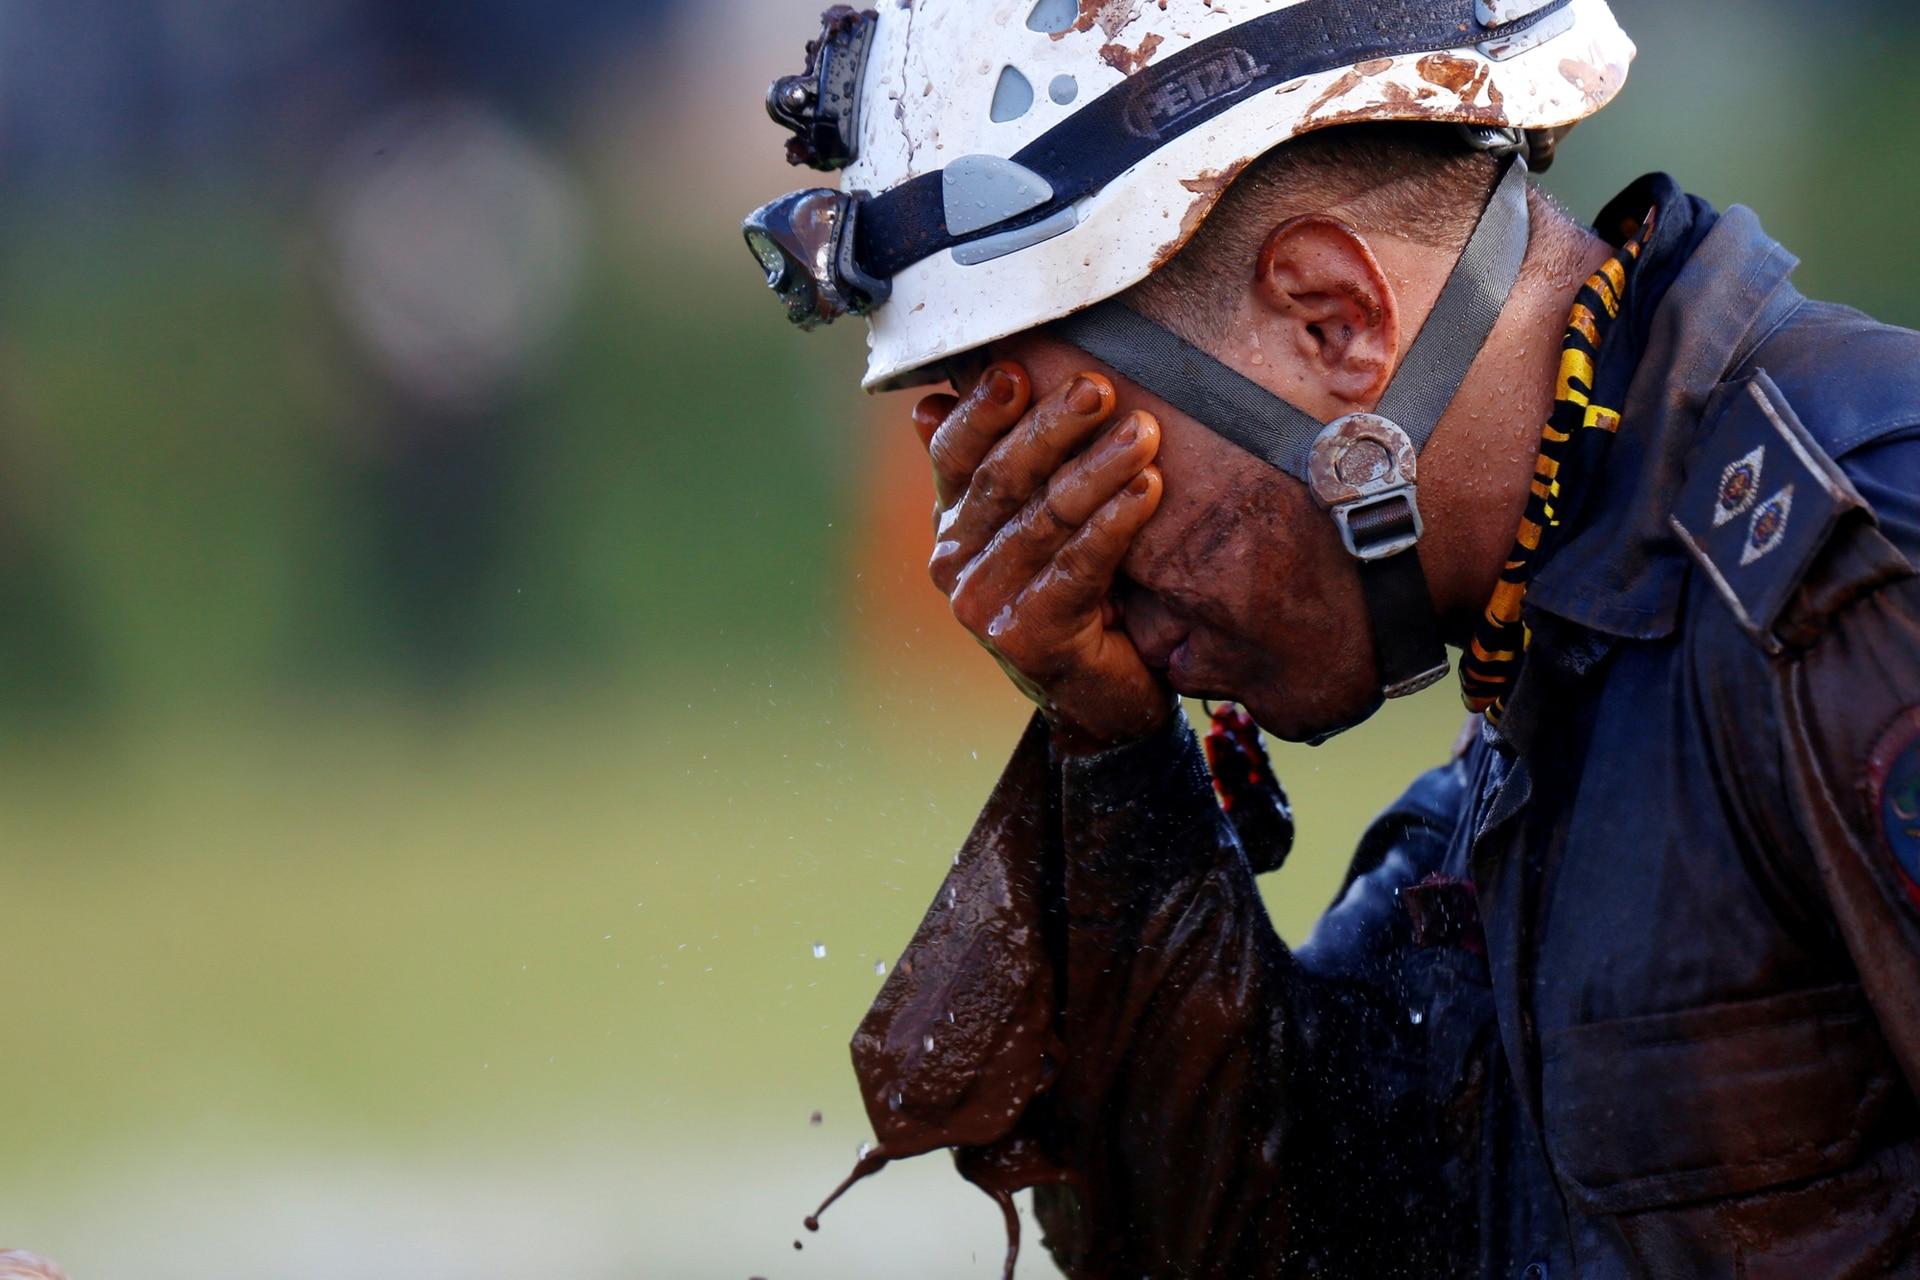 Un miembro del equipo de rescate reacciona, al regresar de la misión, después de que se derrumbó una presa de relaves de propiedad de la compañía minera brasileña Vale SA, en Brumadinho, Brasil, el 27 de enero.